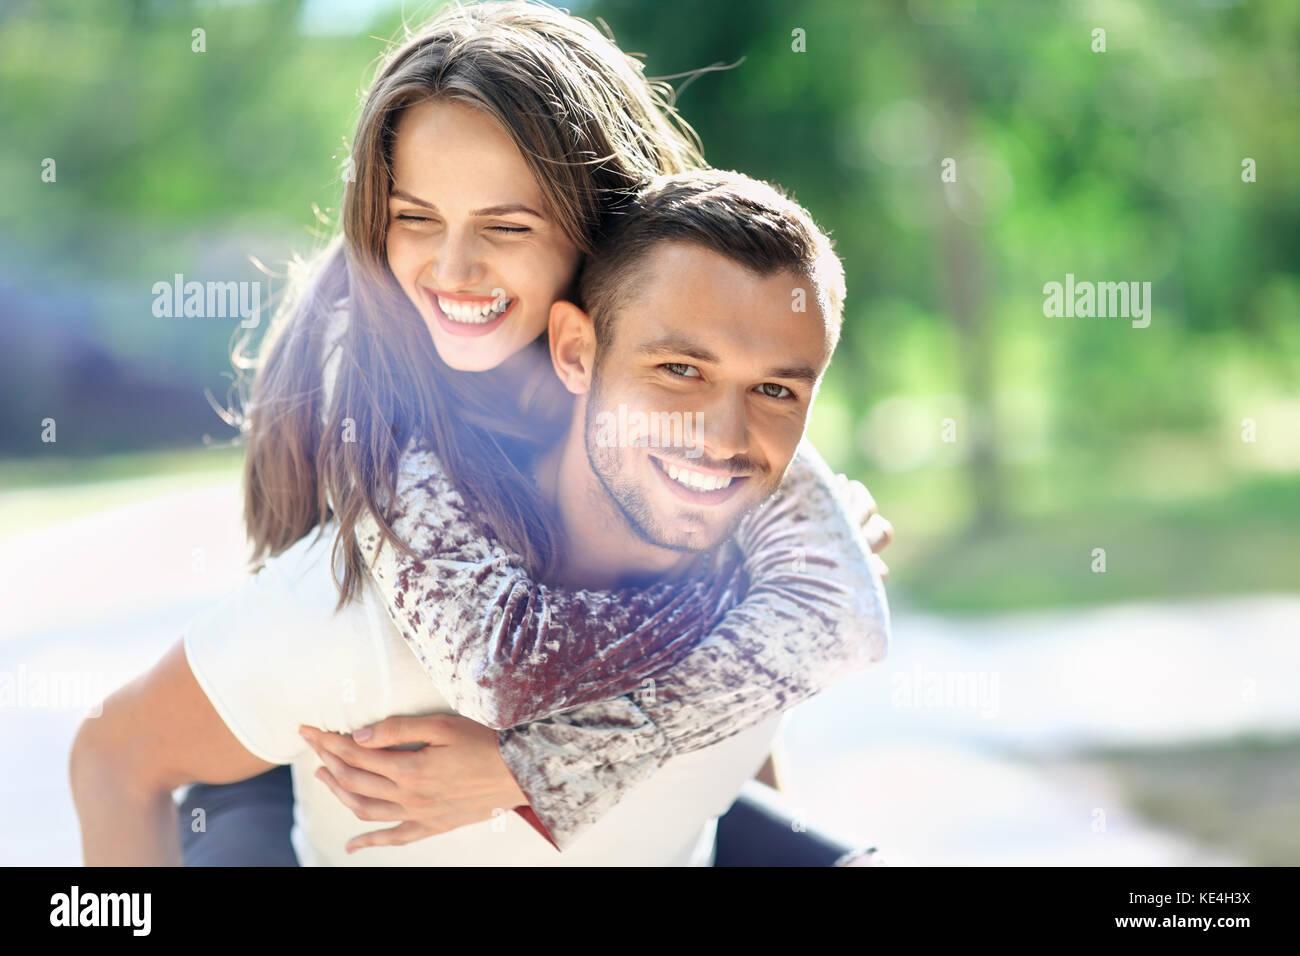 Homme portant sa petite amie à l'arrière. Happy laughing couple piggyback. Les jeunes d'amour Photo Stock